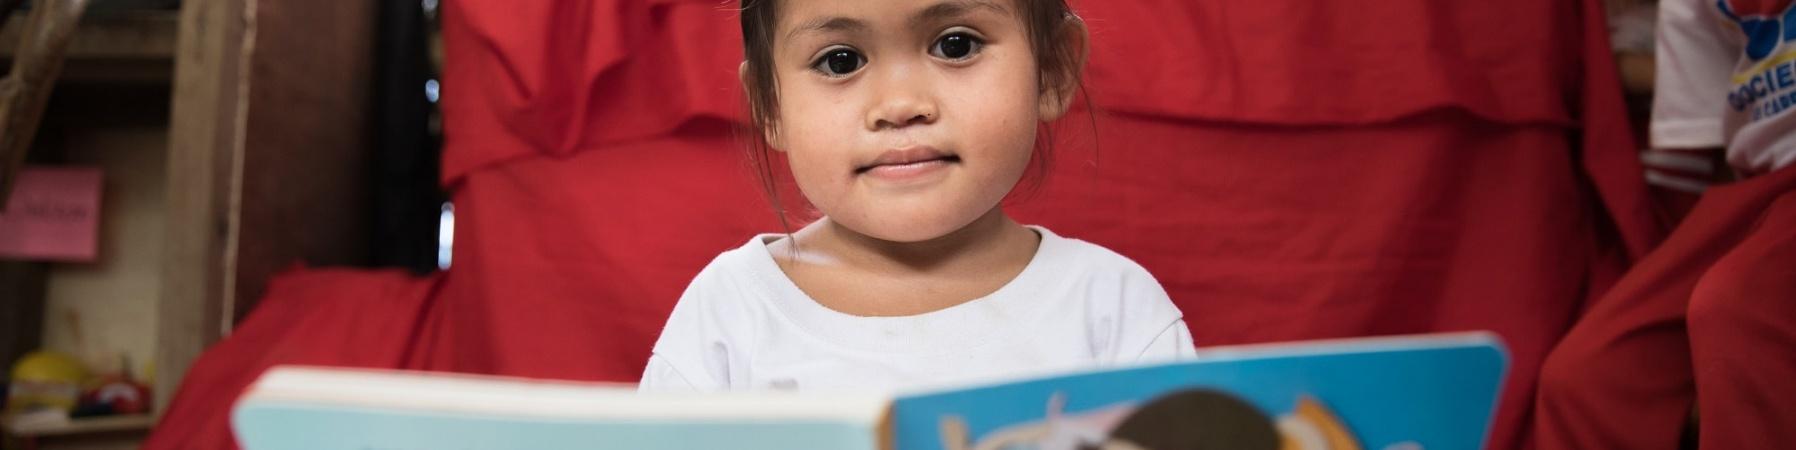 bimba del sud est asiatico con occhi scuri e capelli castani seduta con un libro grande quanto lei aperto innanzi a sè.